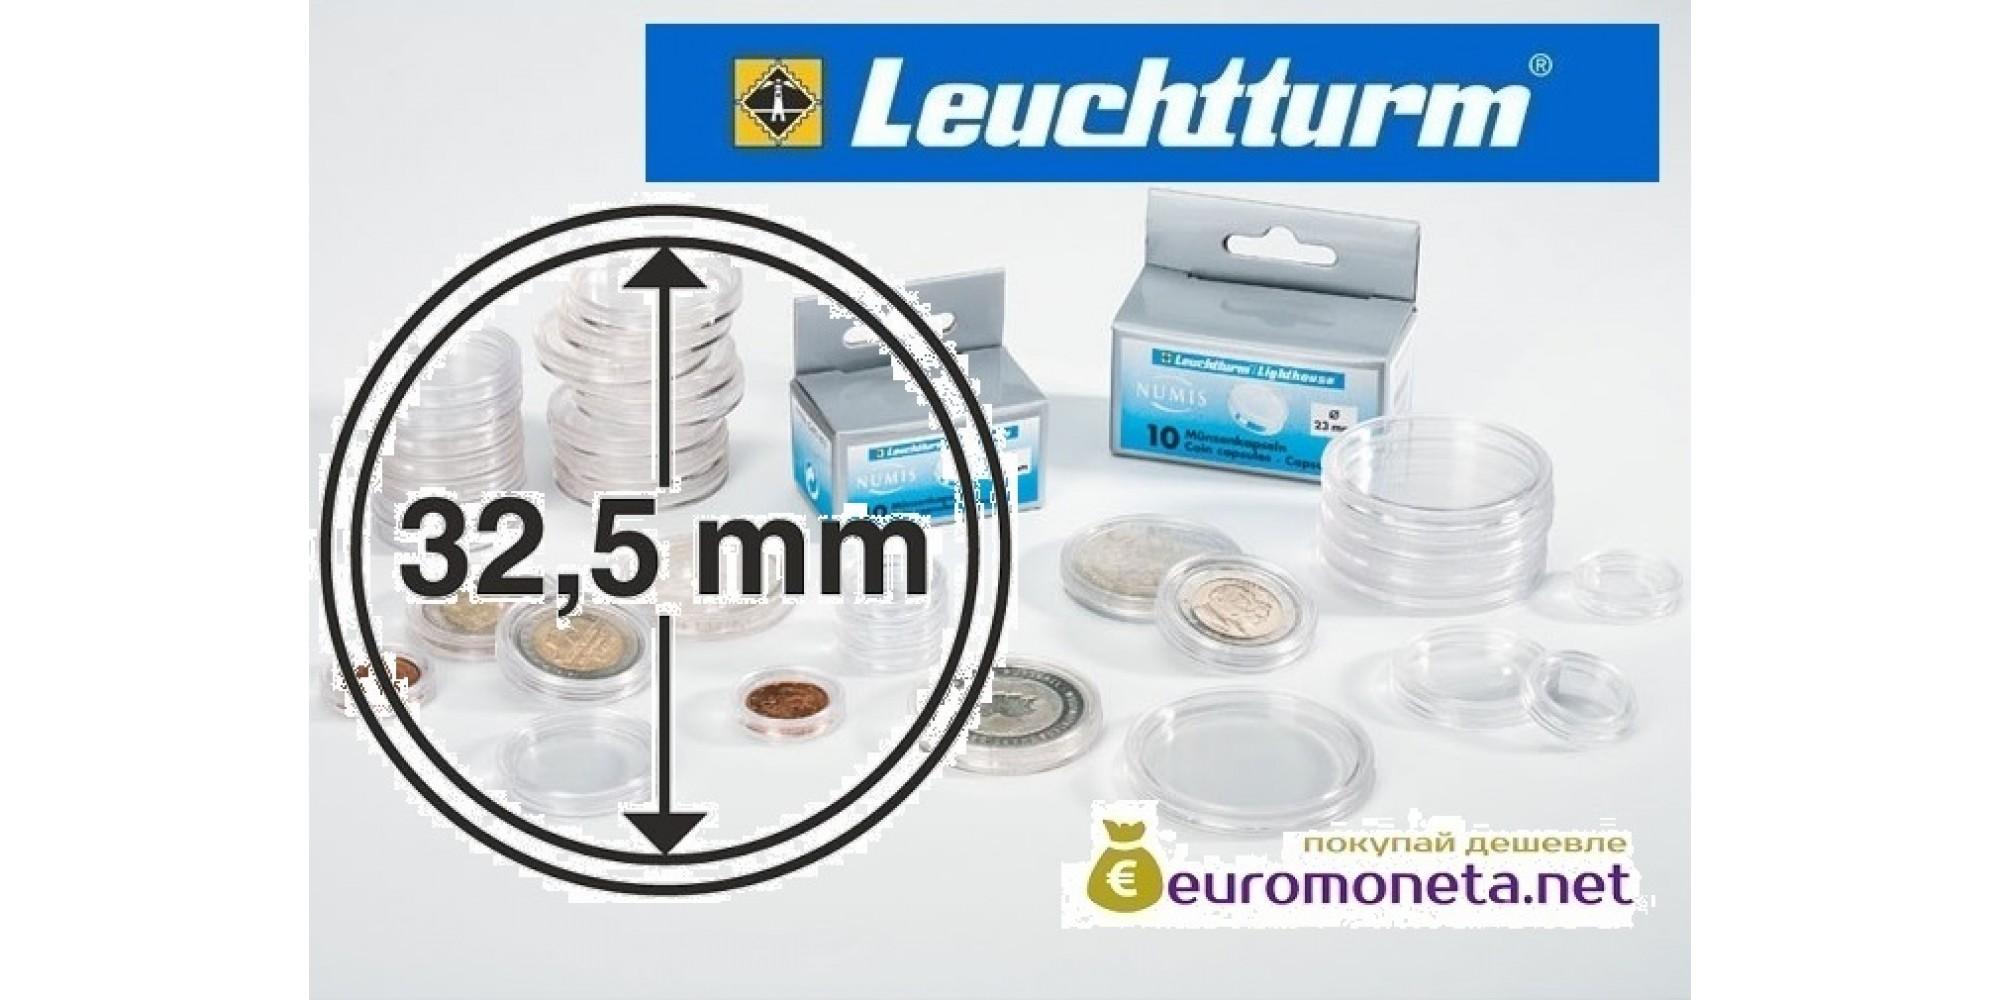 Leuchtturm капсула для хранения монет внутренний диаметр 32,5 мм, внешний 37,5 мм, 10 штук, Германия